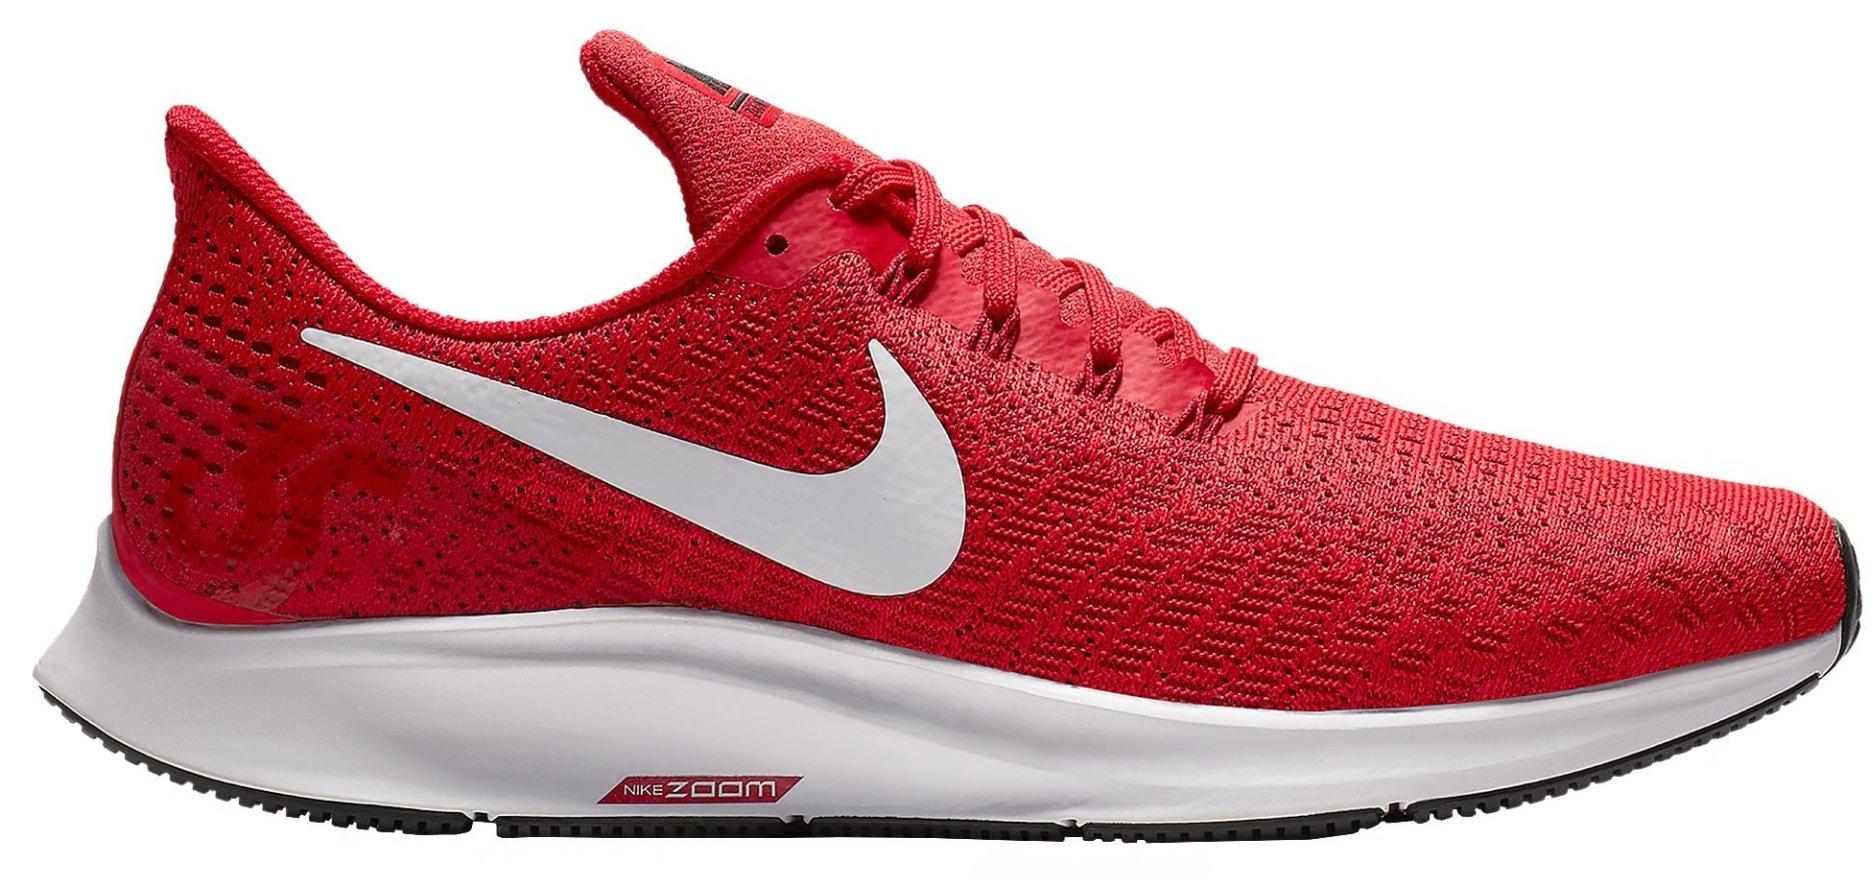 Nike Men's Air Zoom Pegasus 35 Running Shoes, Red/White (US 11.5, University RED/White-Tough RED-Black)